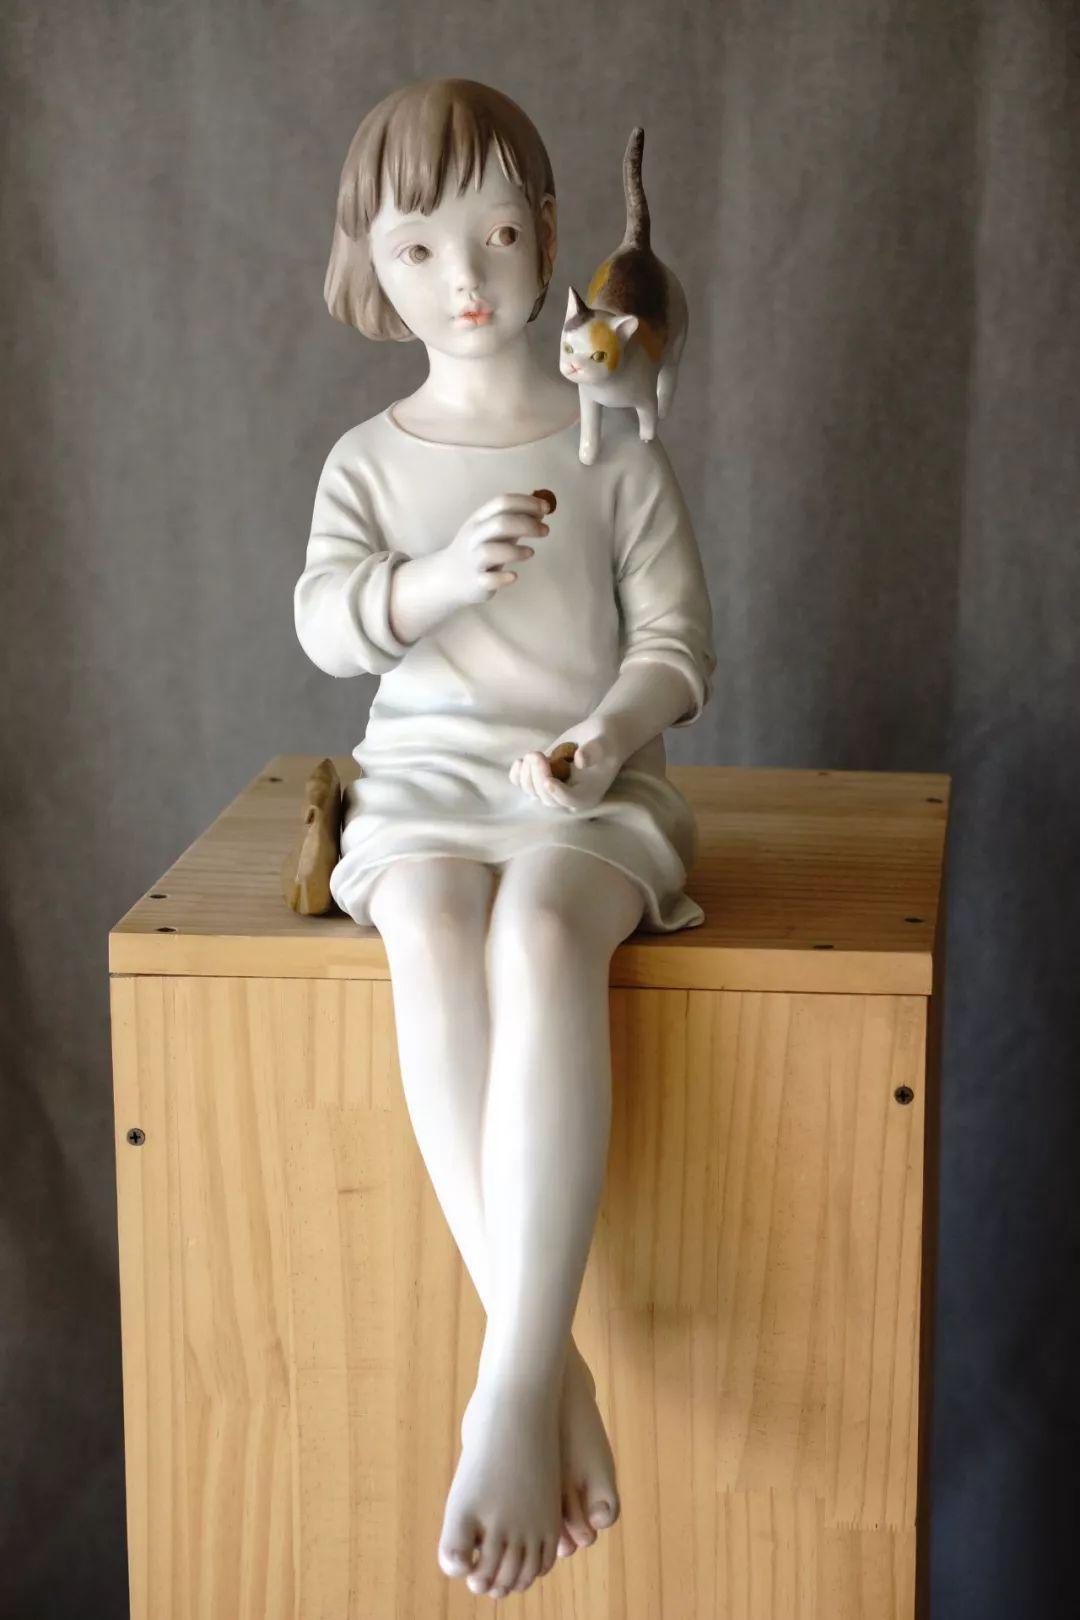 第十三届全国美展·雕塑作品展插图393